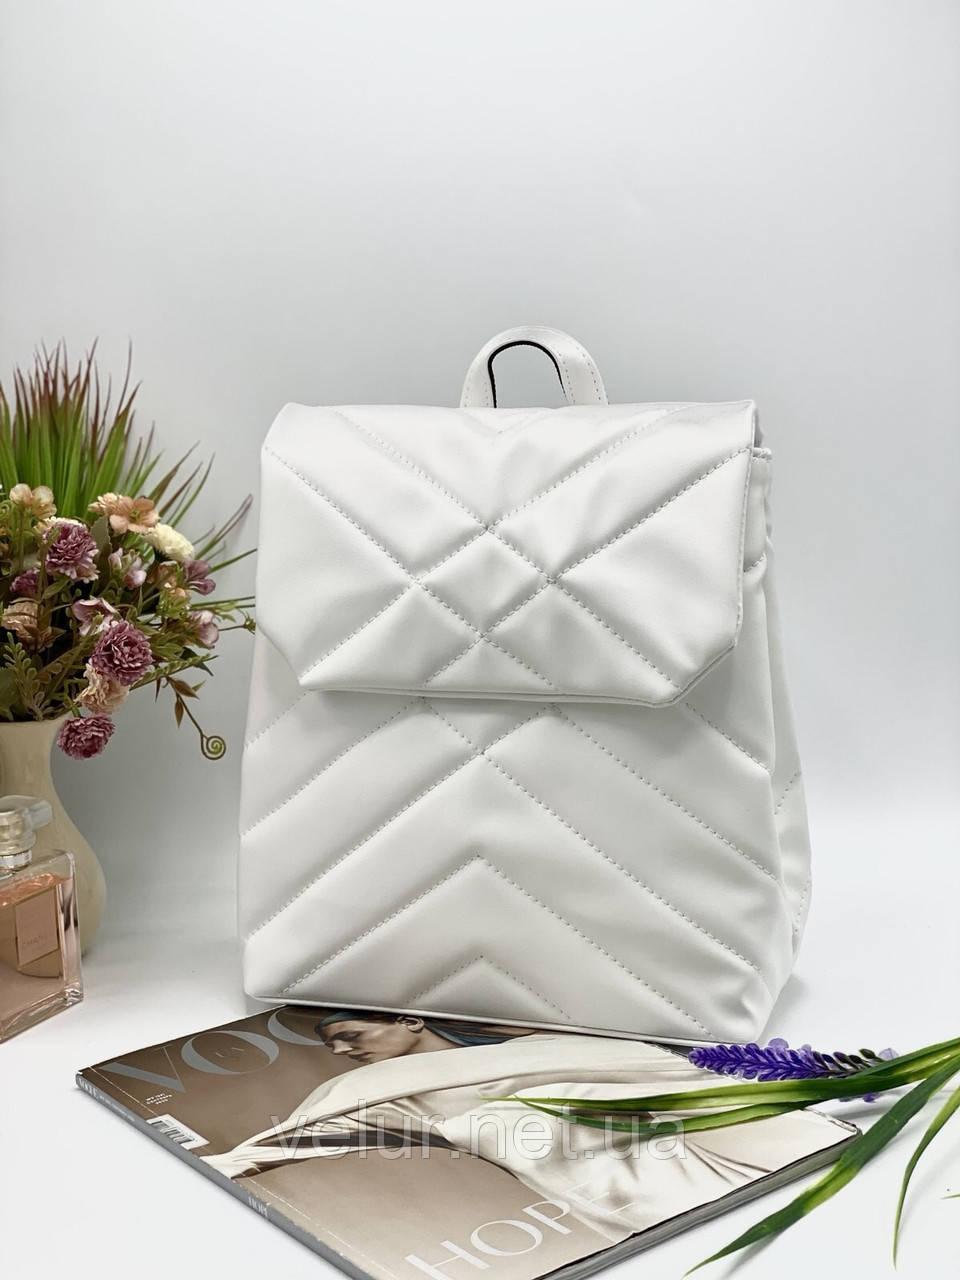 Женская стильная сумка; турецкая эко-кожа PU, размеры 25*30*12.5 см, 3 цвета